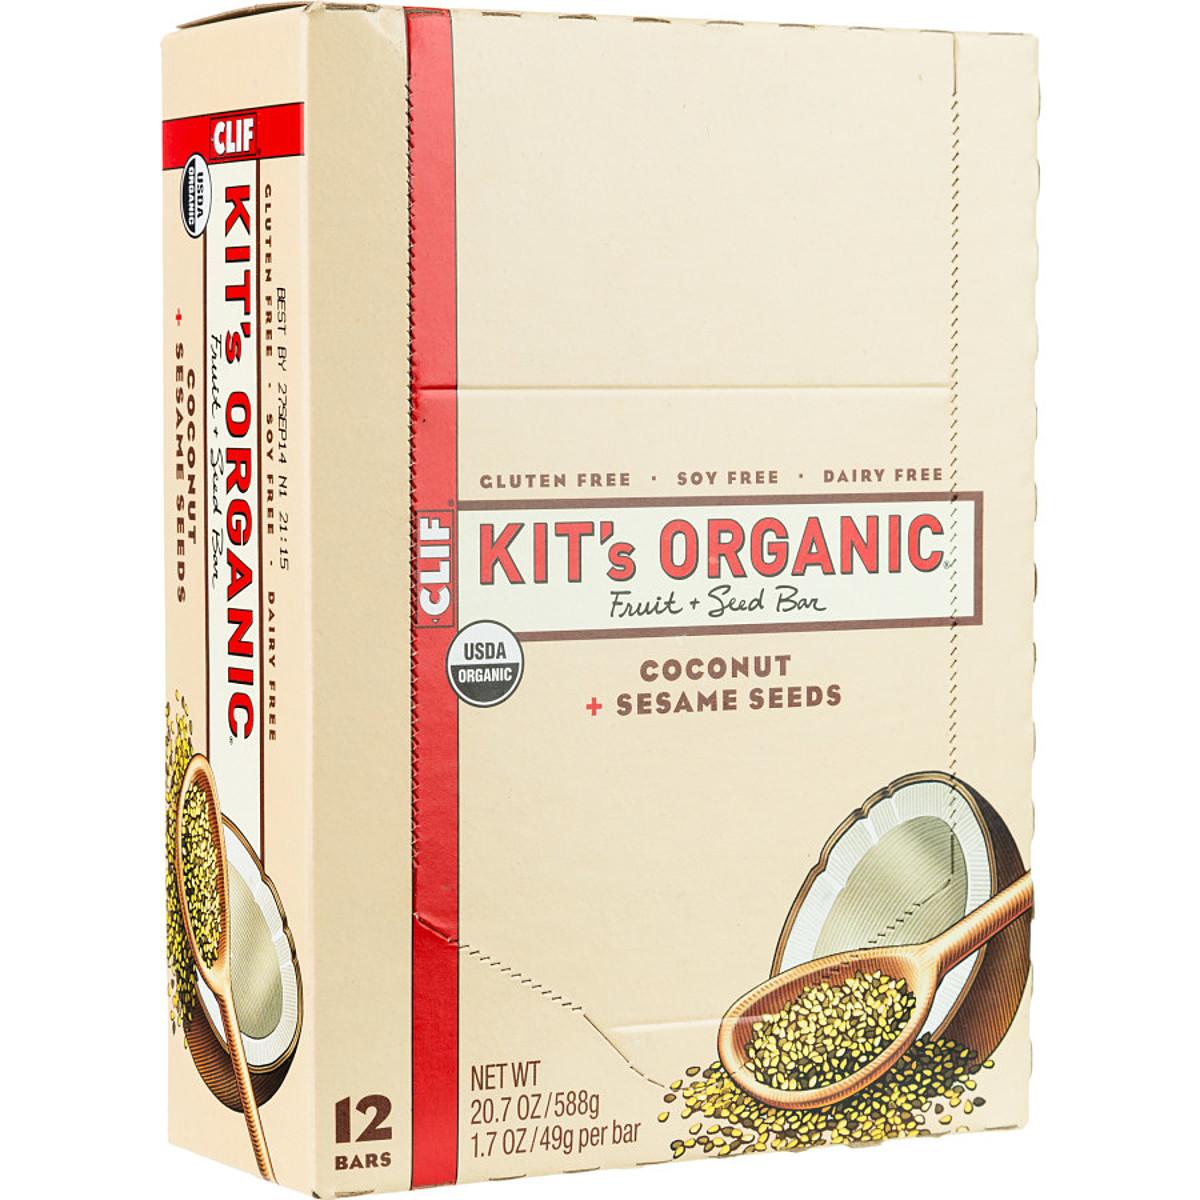 Clif Kit's Organic Fruit & Seed